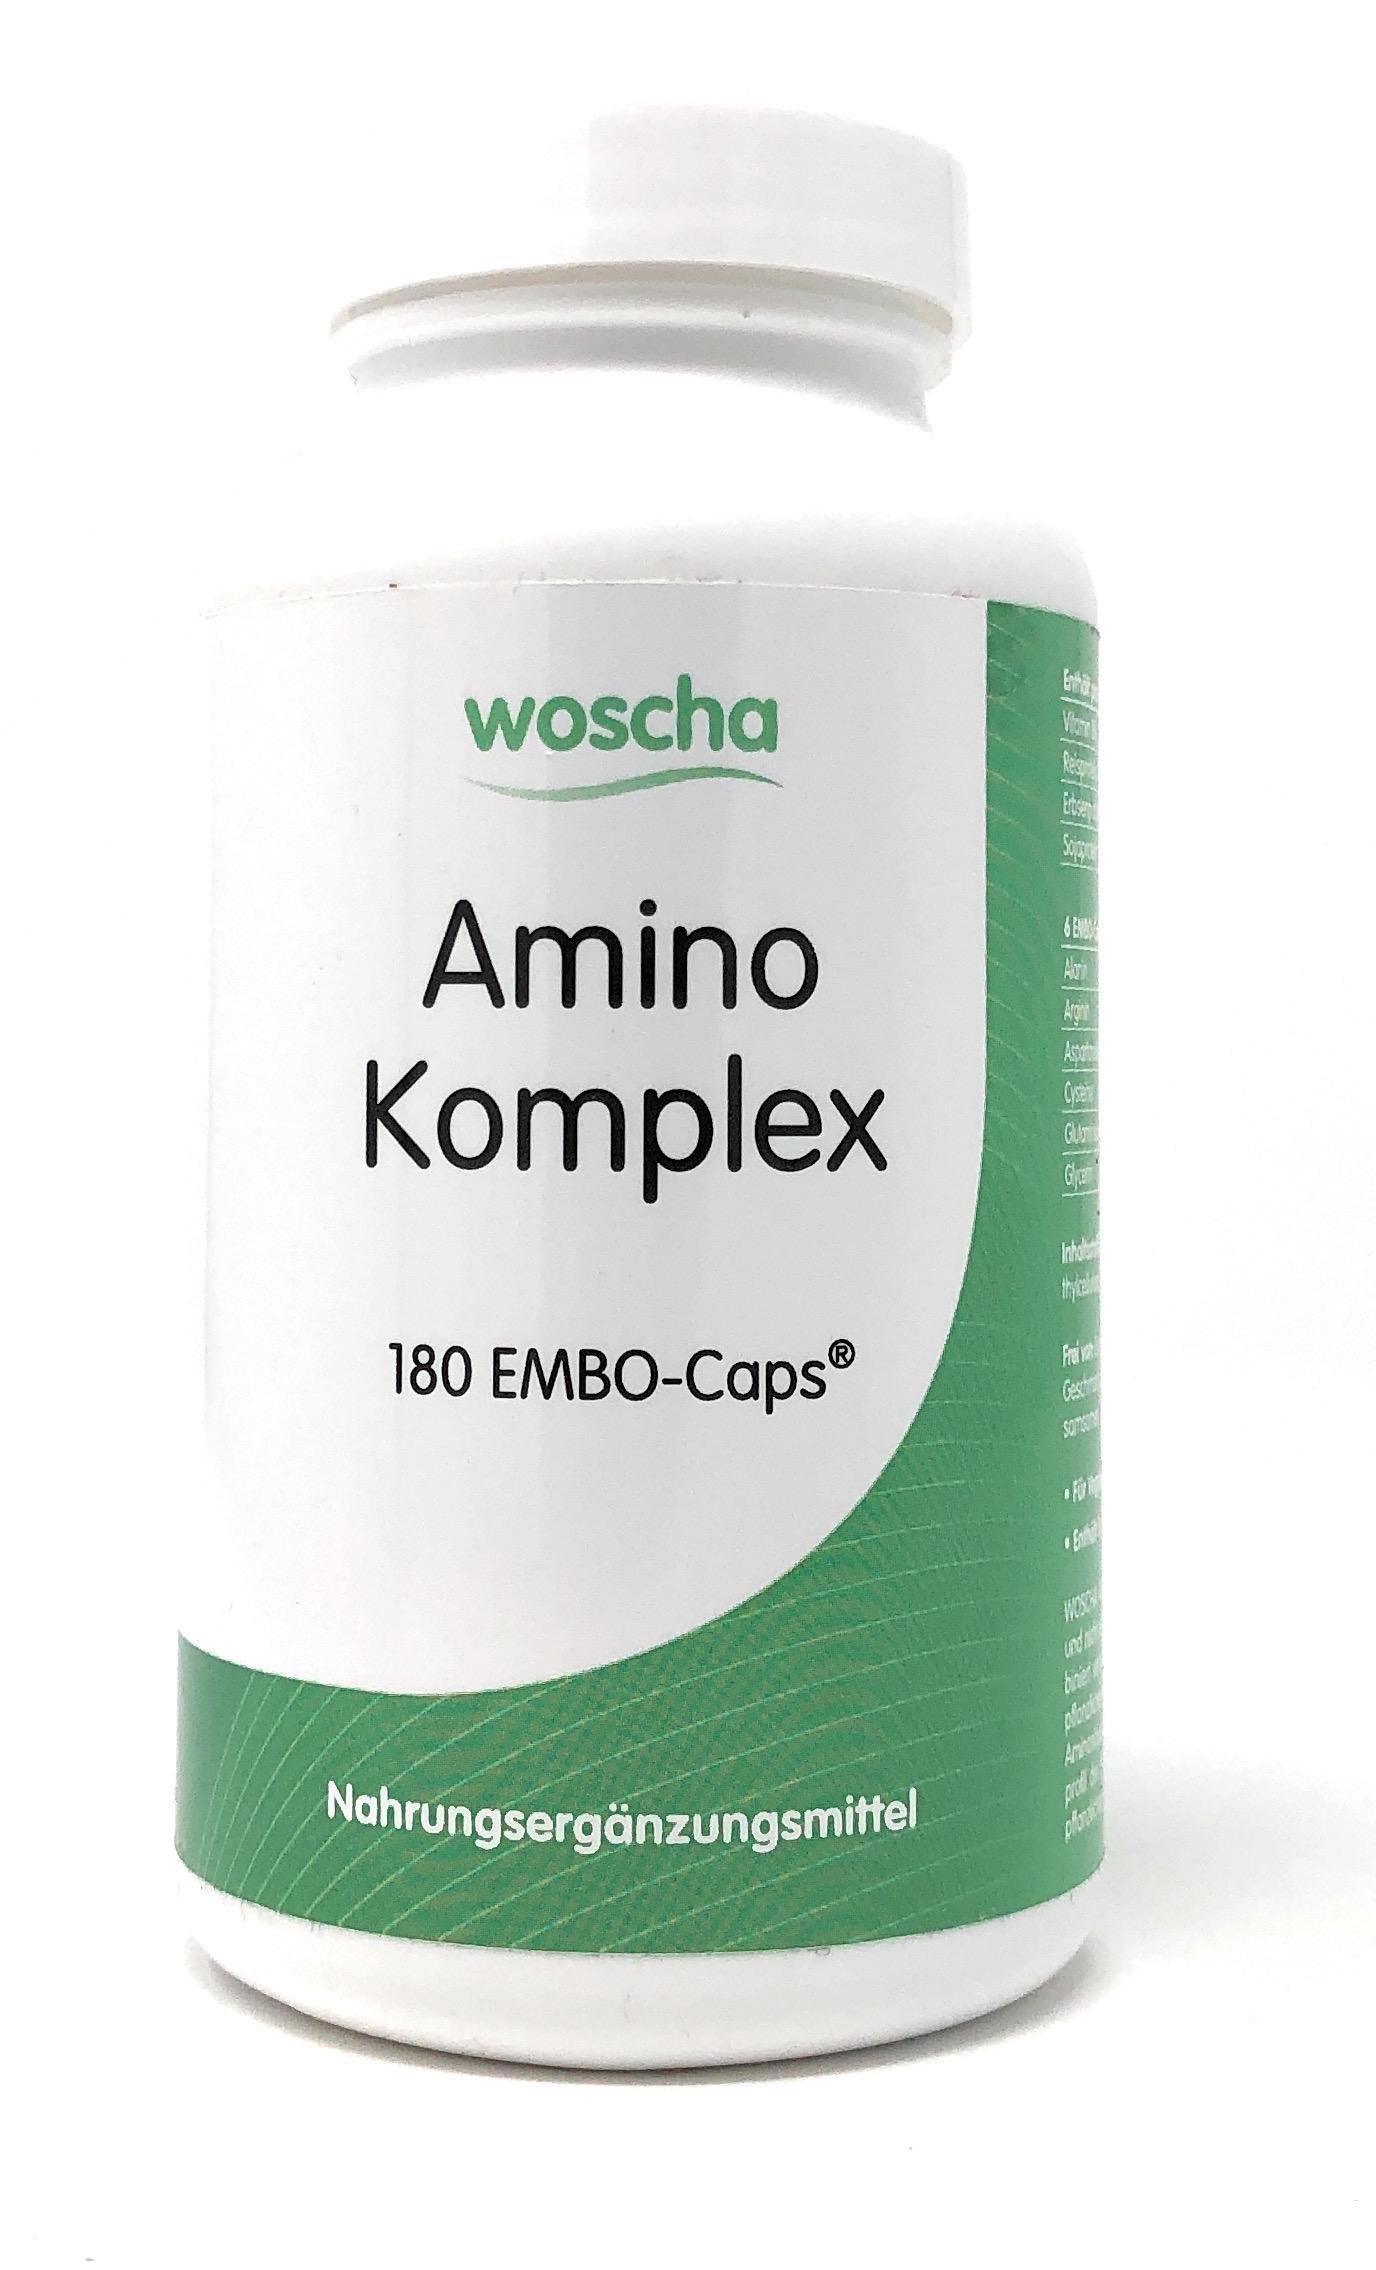 woscha Amino-Komplex 180 Embo-CAPS® (119g)(vegan)